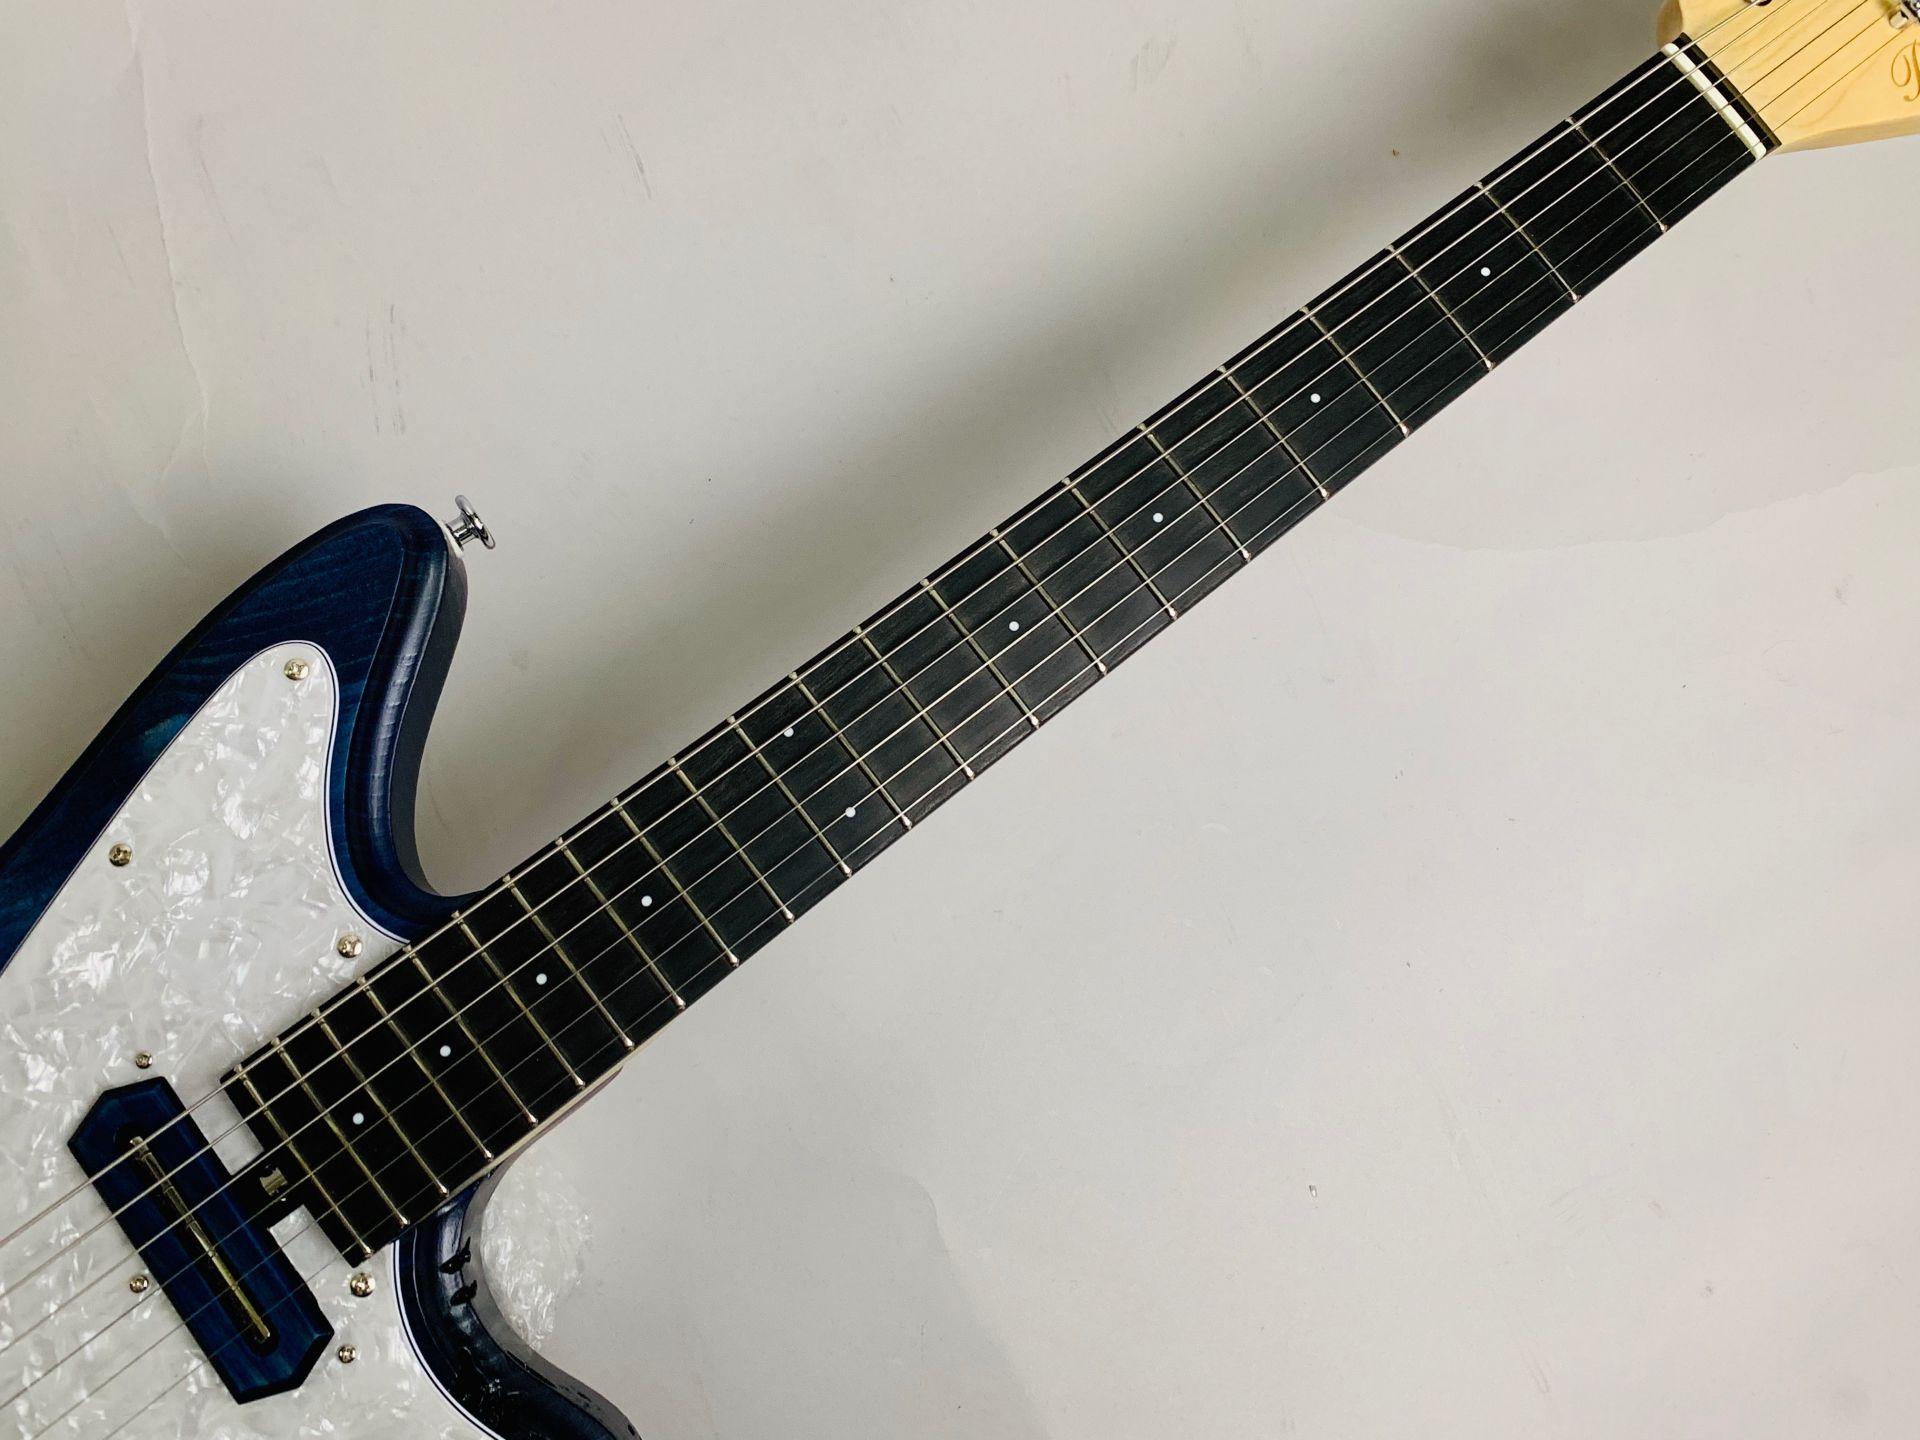 JRP/SB-I-MF'18 限定20本楽器フェアモデル 赤松ボディのヘッド画像